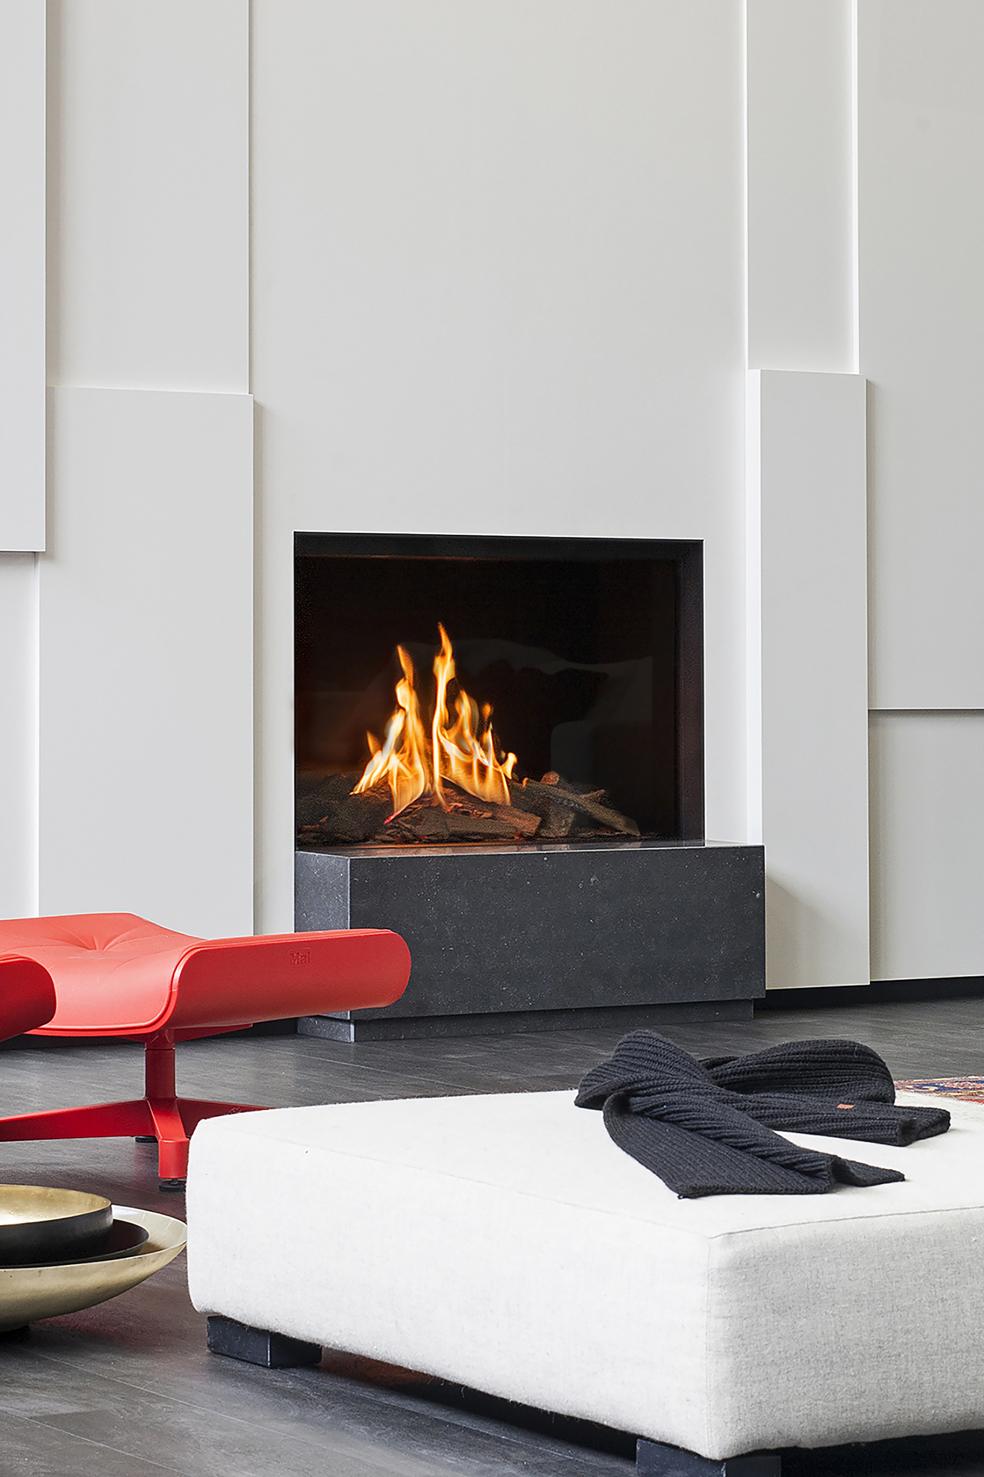 Faber gashaard MatriX 650i met echte vlammen. De brandende keramische houtstammen van Logburner 2.0 geven een nóg realistischer houtvuurbeleving. De haard heeft maar liefst vijf branders die in- en uitschakelbaar zijn.